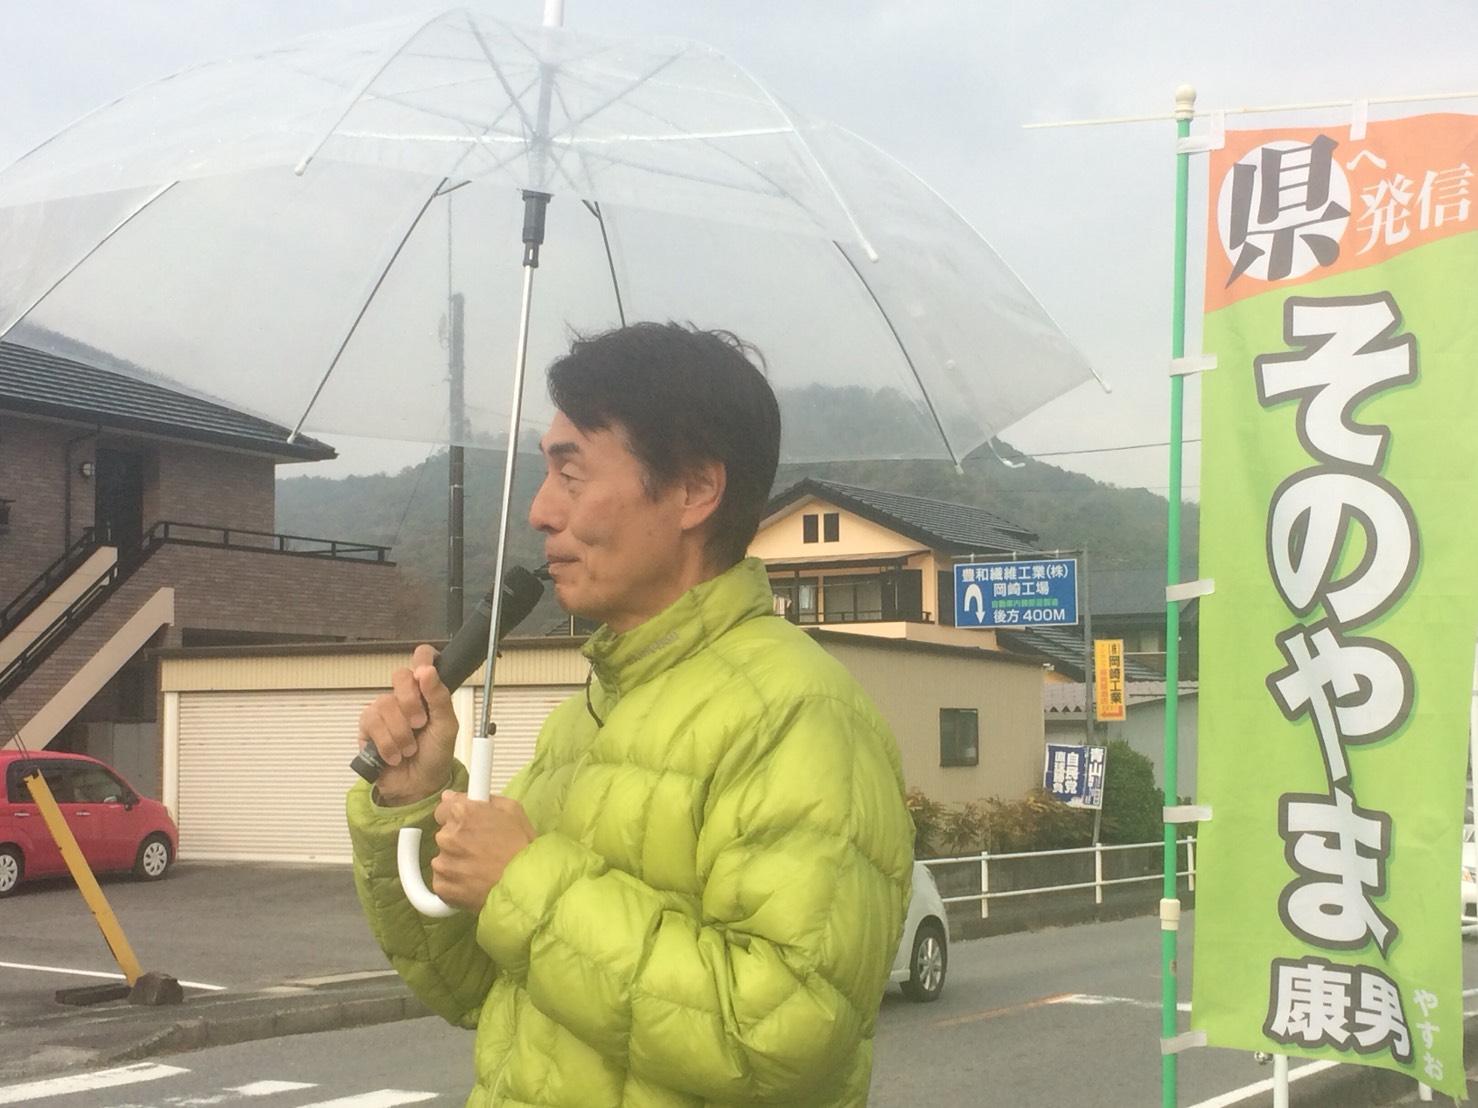 た。 雨の予報でしたが、だんだんと降ってまいりました。 玄関からわざわざ出てきて県政報告を聞いてくださいました。ありがとうございます!